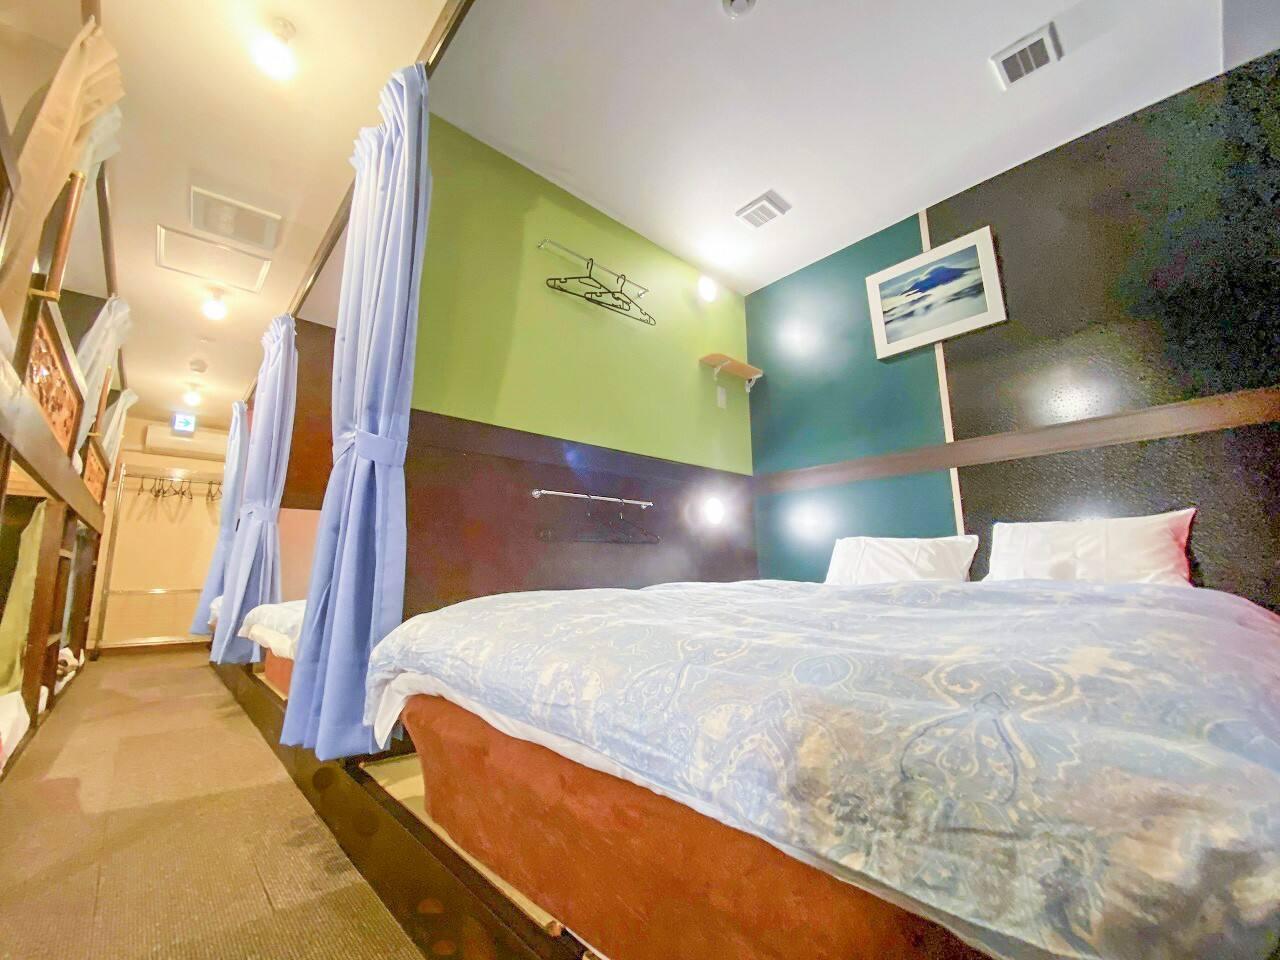 ダブルベッド計5台 5 double-size beds